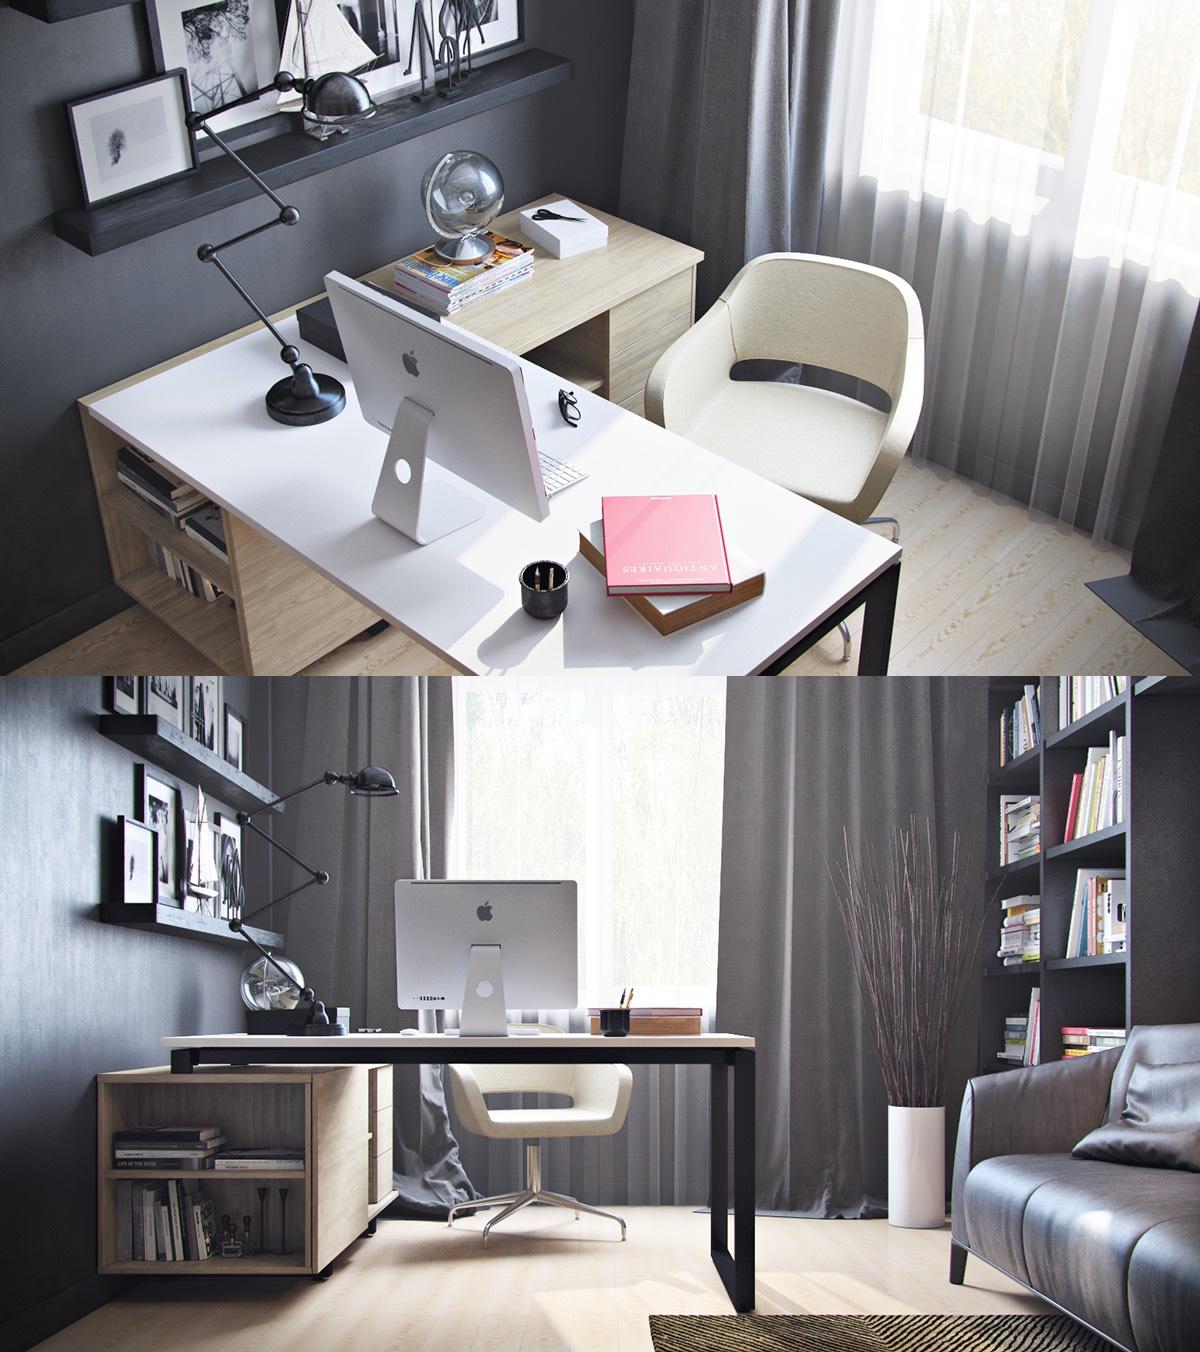 desain ruang kerja minimalis%2B12